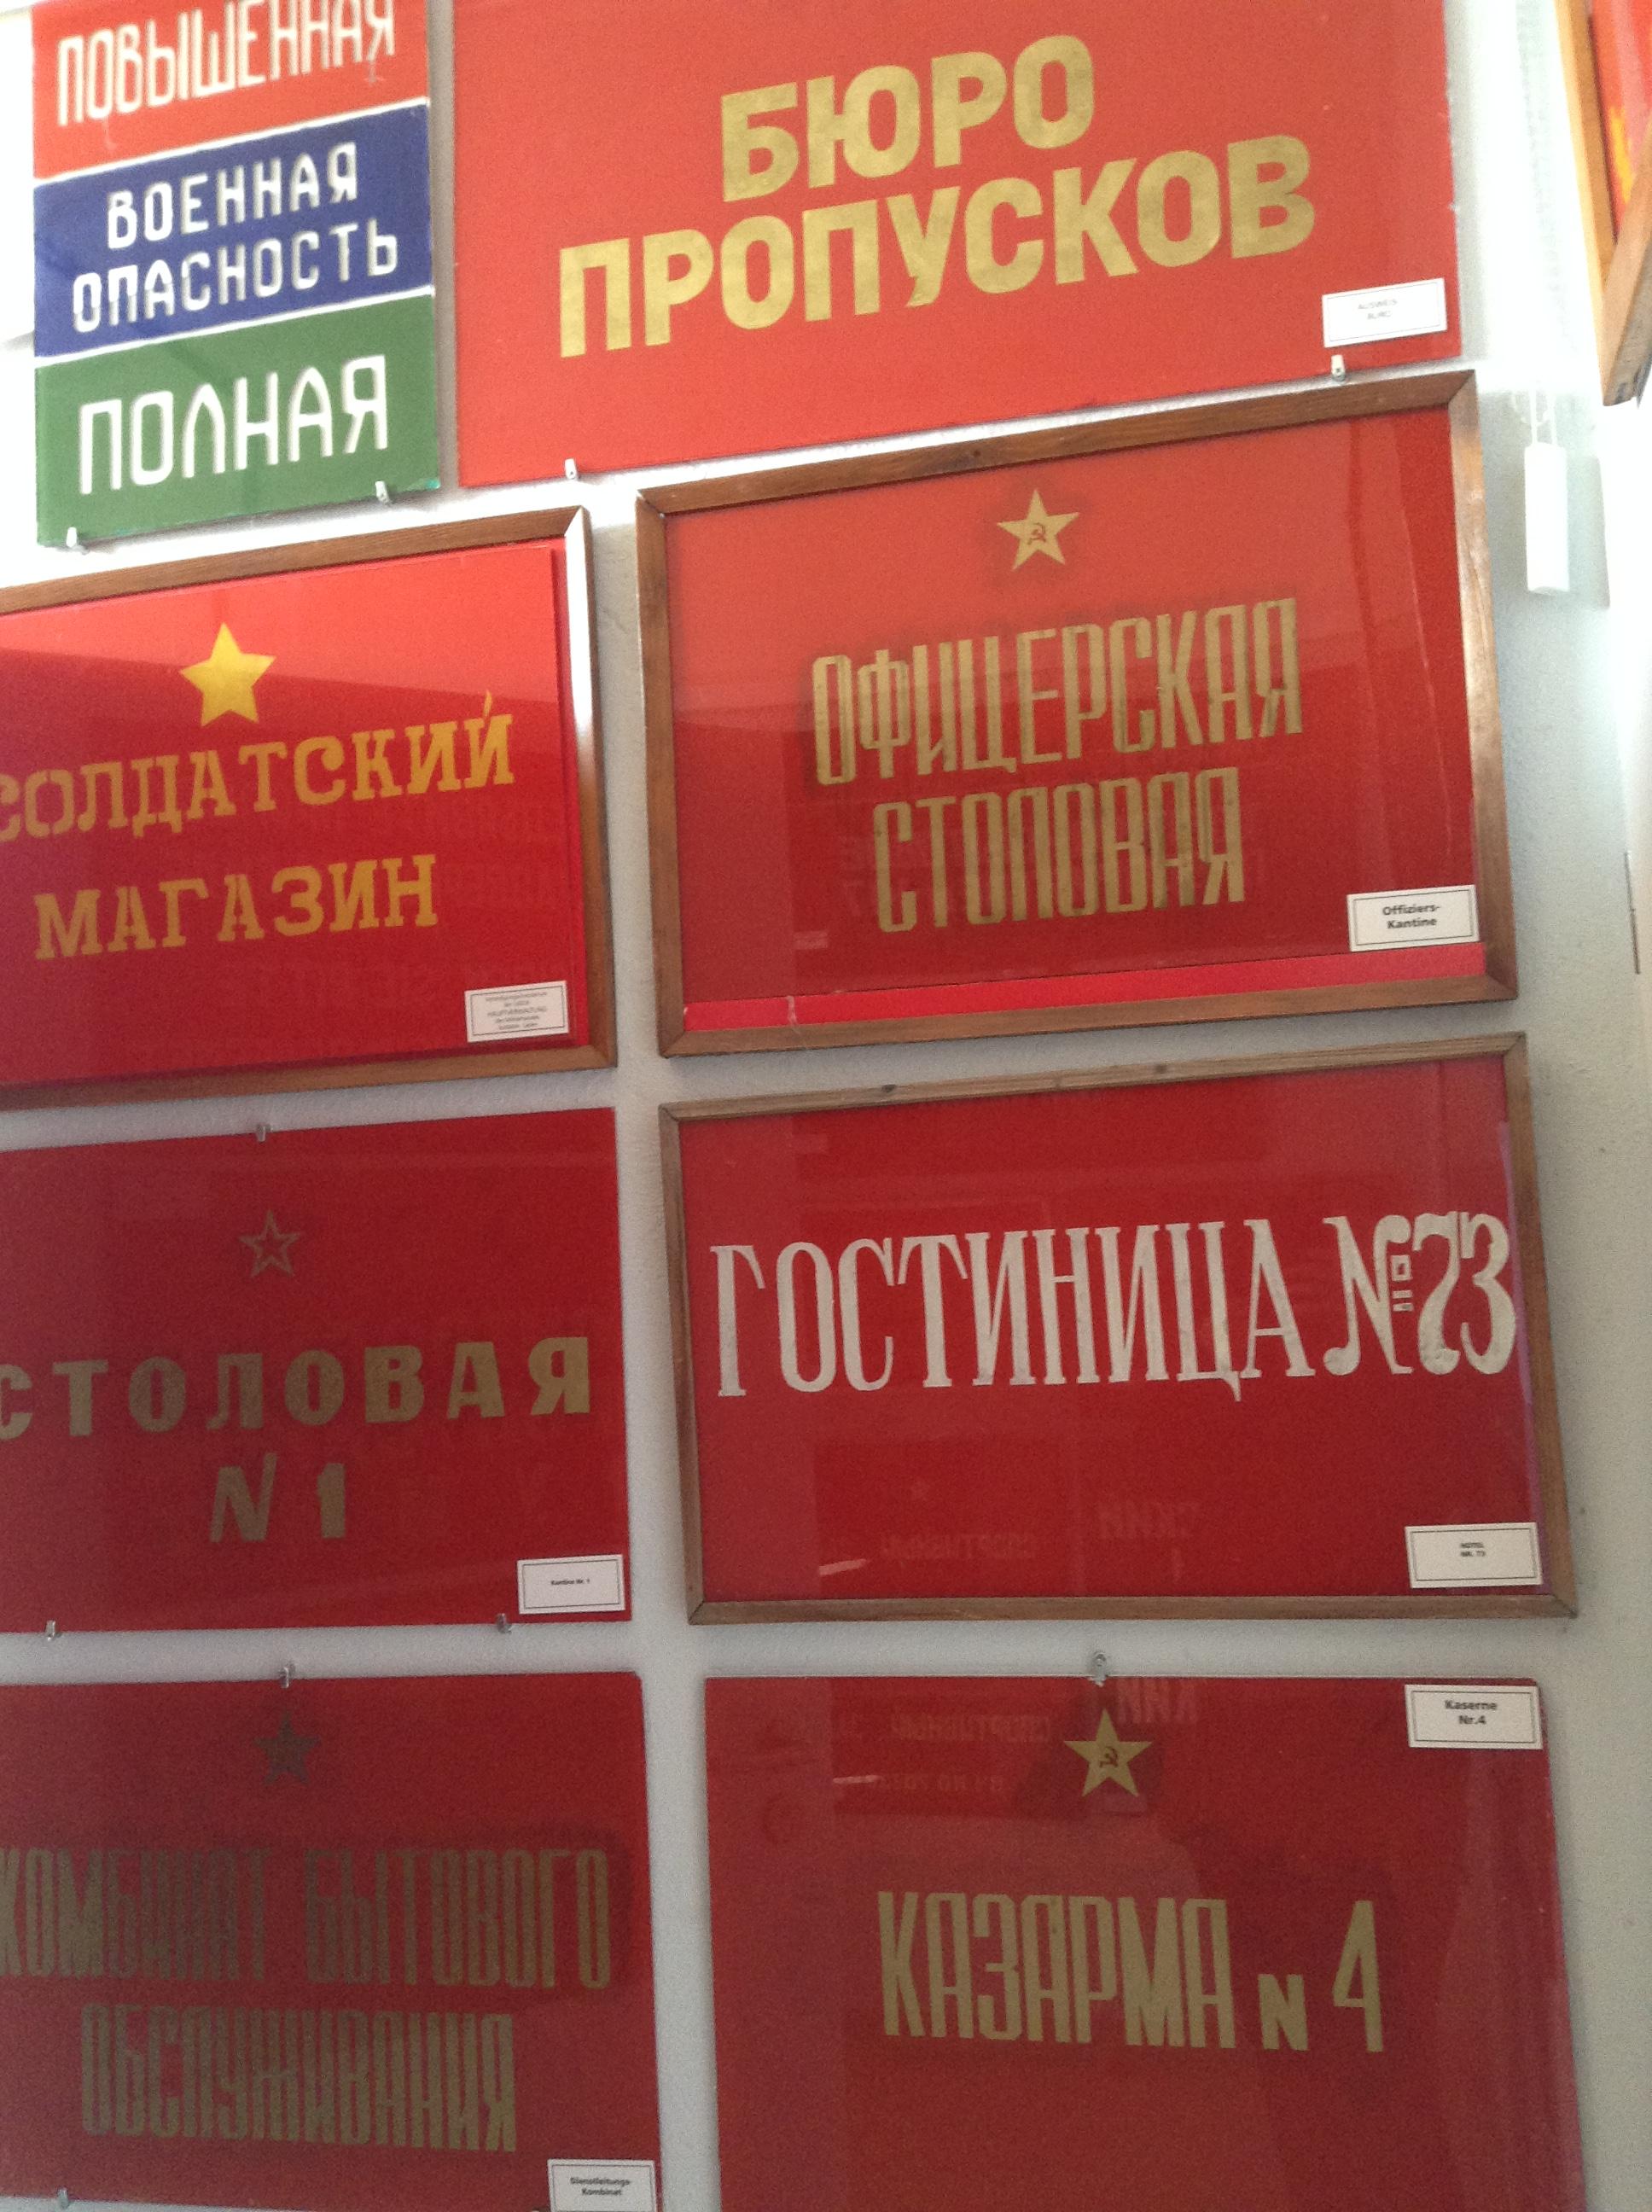 http://sd.uploads.ru/I9Hsk.jpg